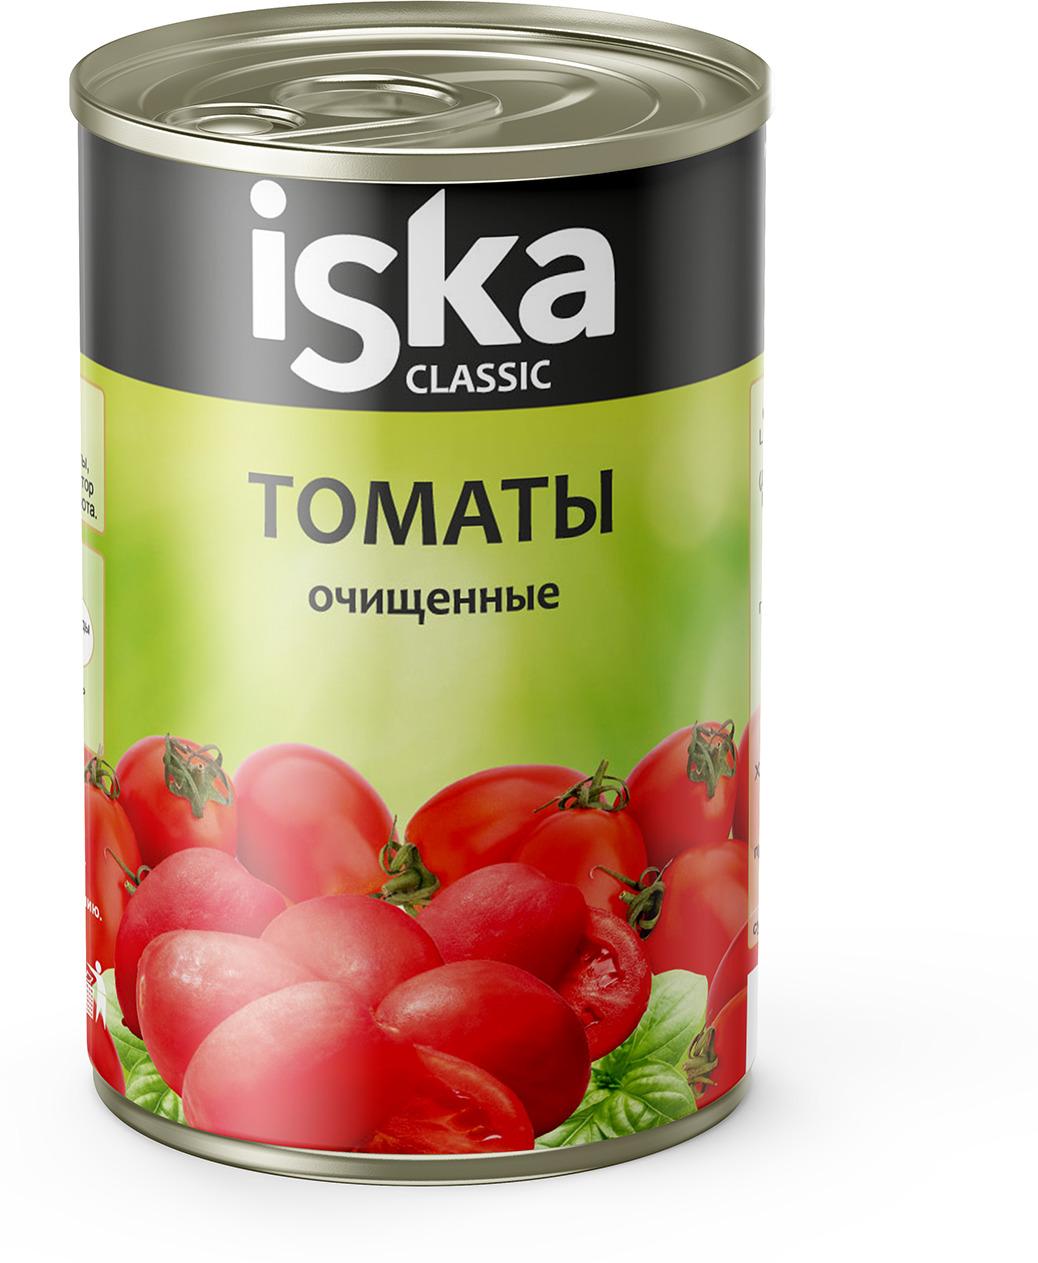 Овощные консервы ISKA Томаты, очищенные, целые, 400 г овощные консервы iska томаты очищенные целые 400 г